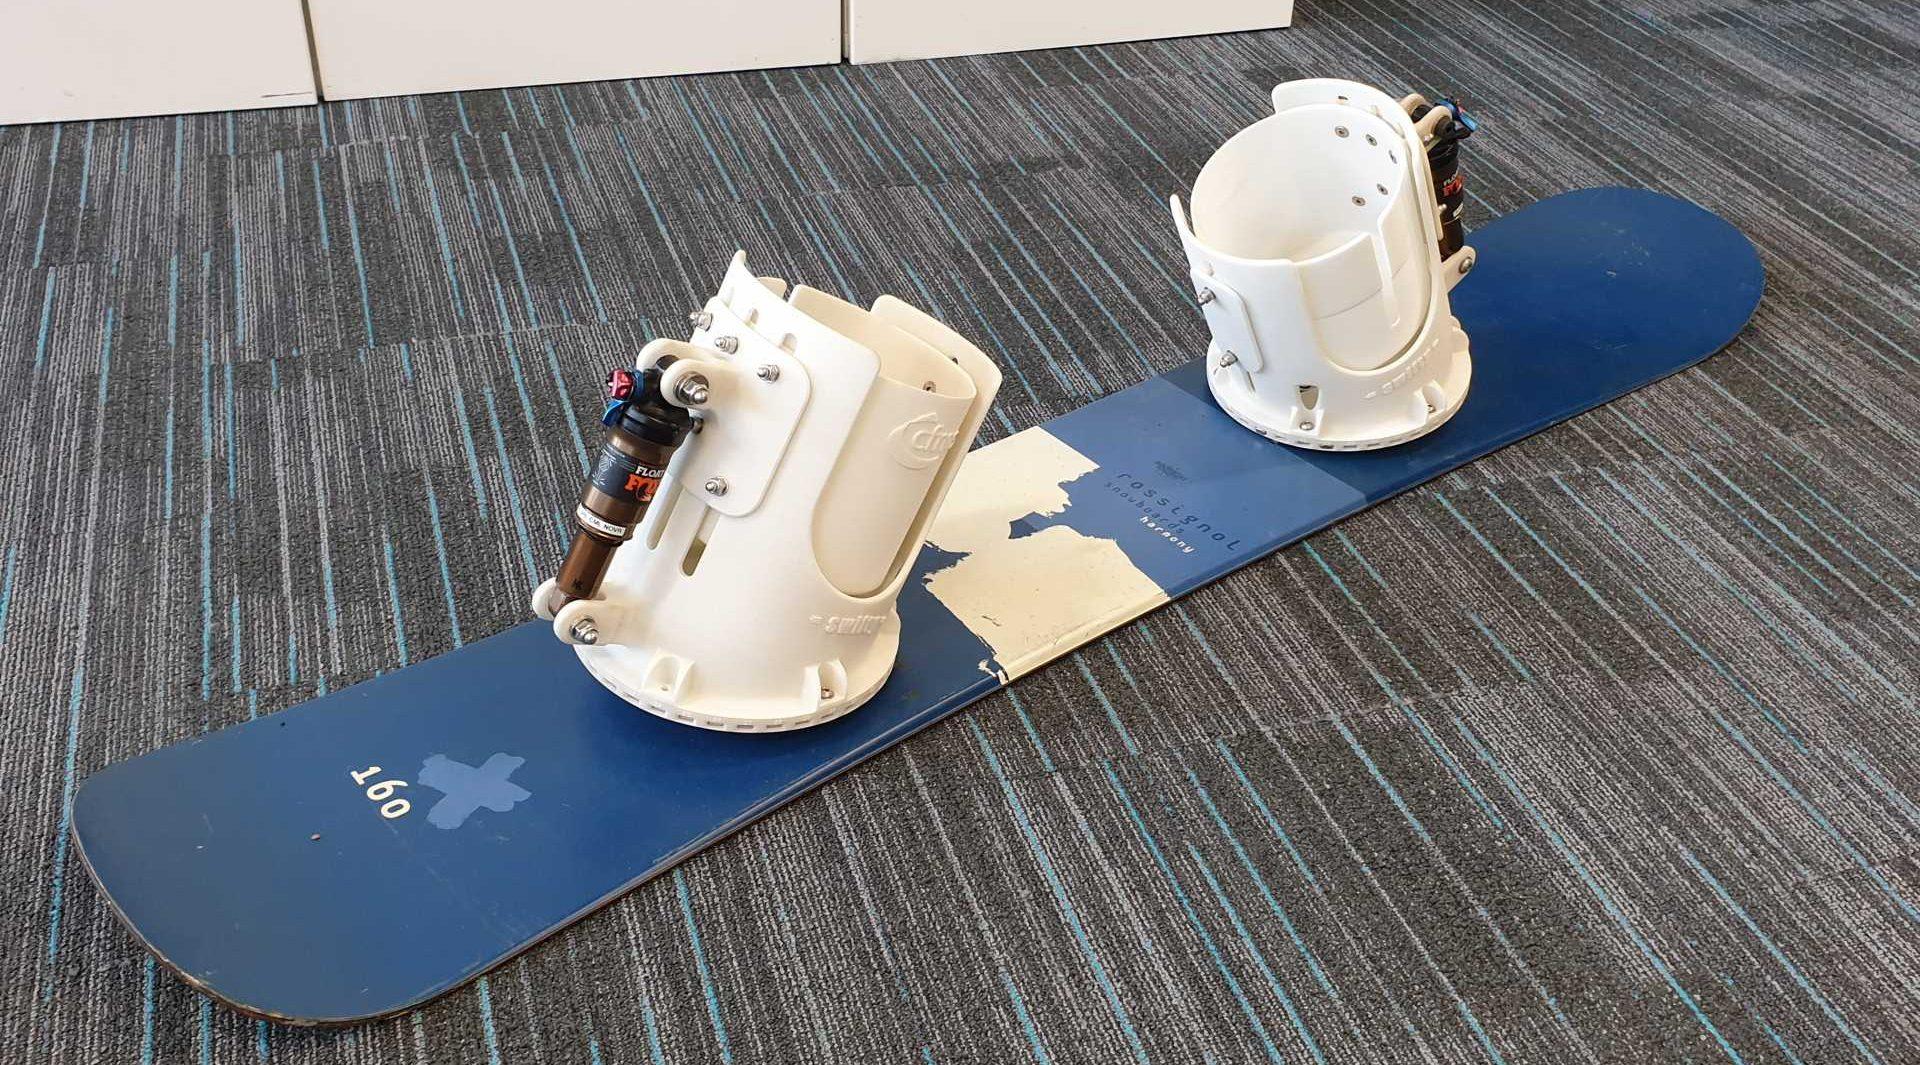 CFMS' snowboard bindings